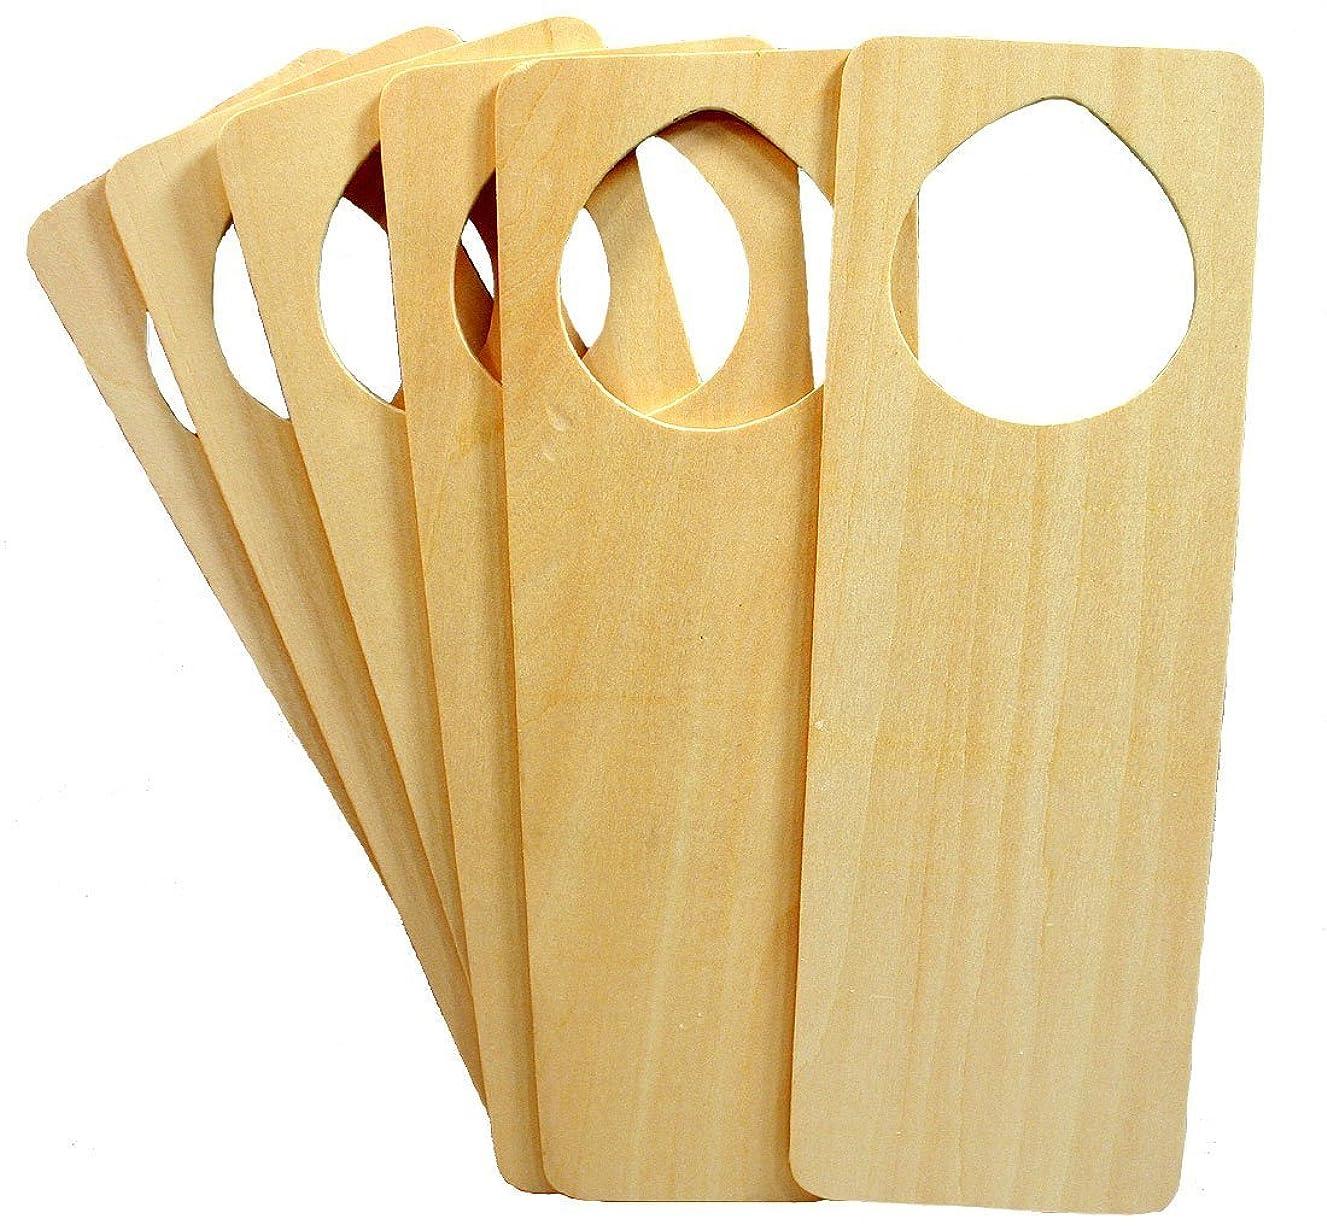 Wood Door Knob Hanger 9.5